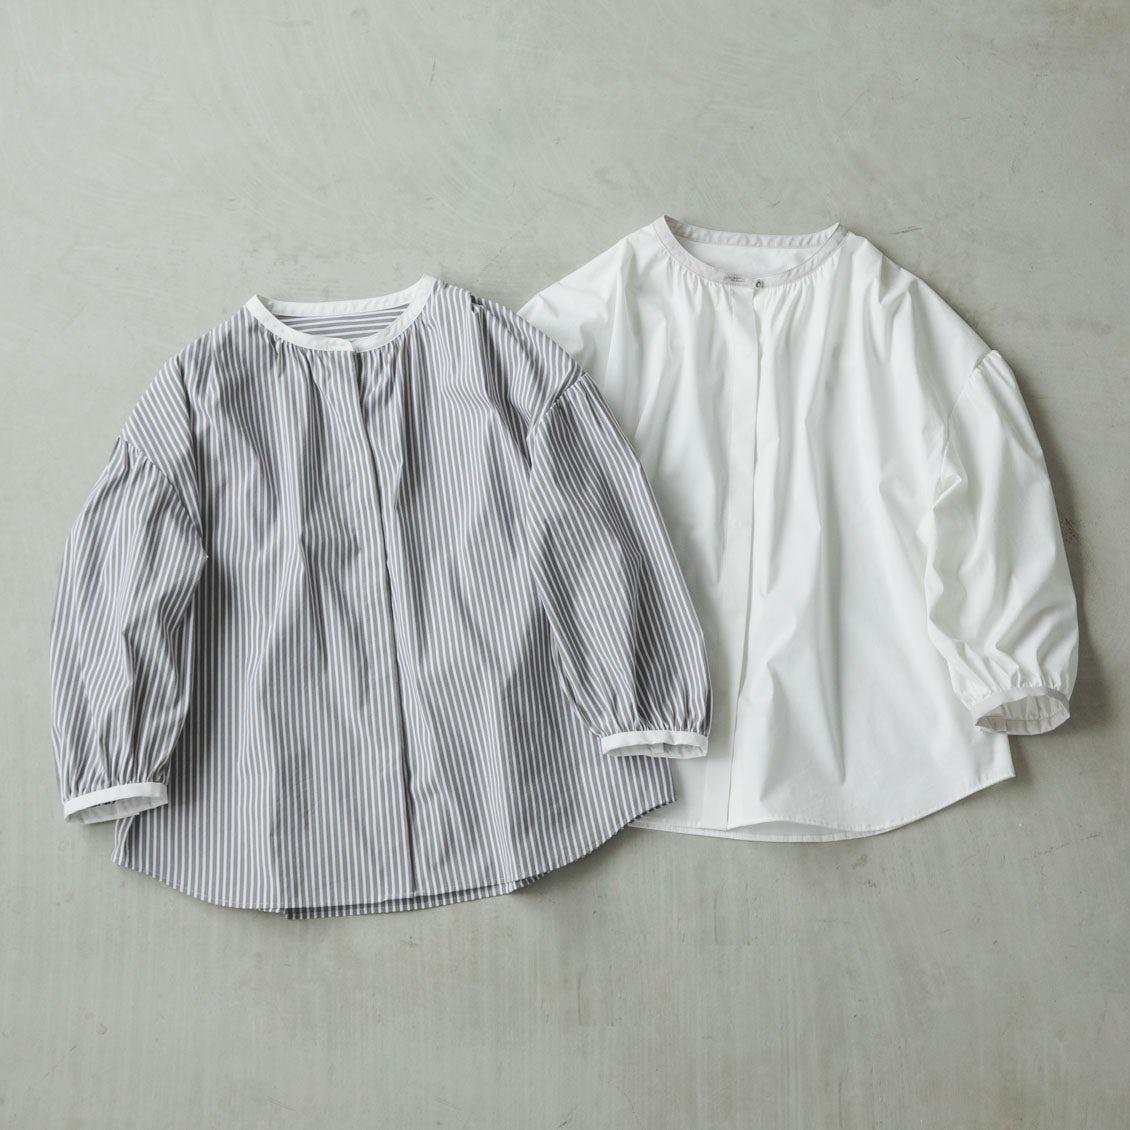 【新商品】はじまりの季節、これなら!と思えるディテールにこだわったシャツブラウスをつくりました。